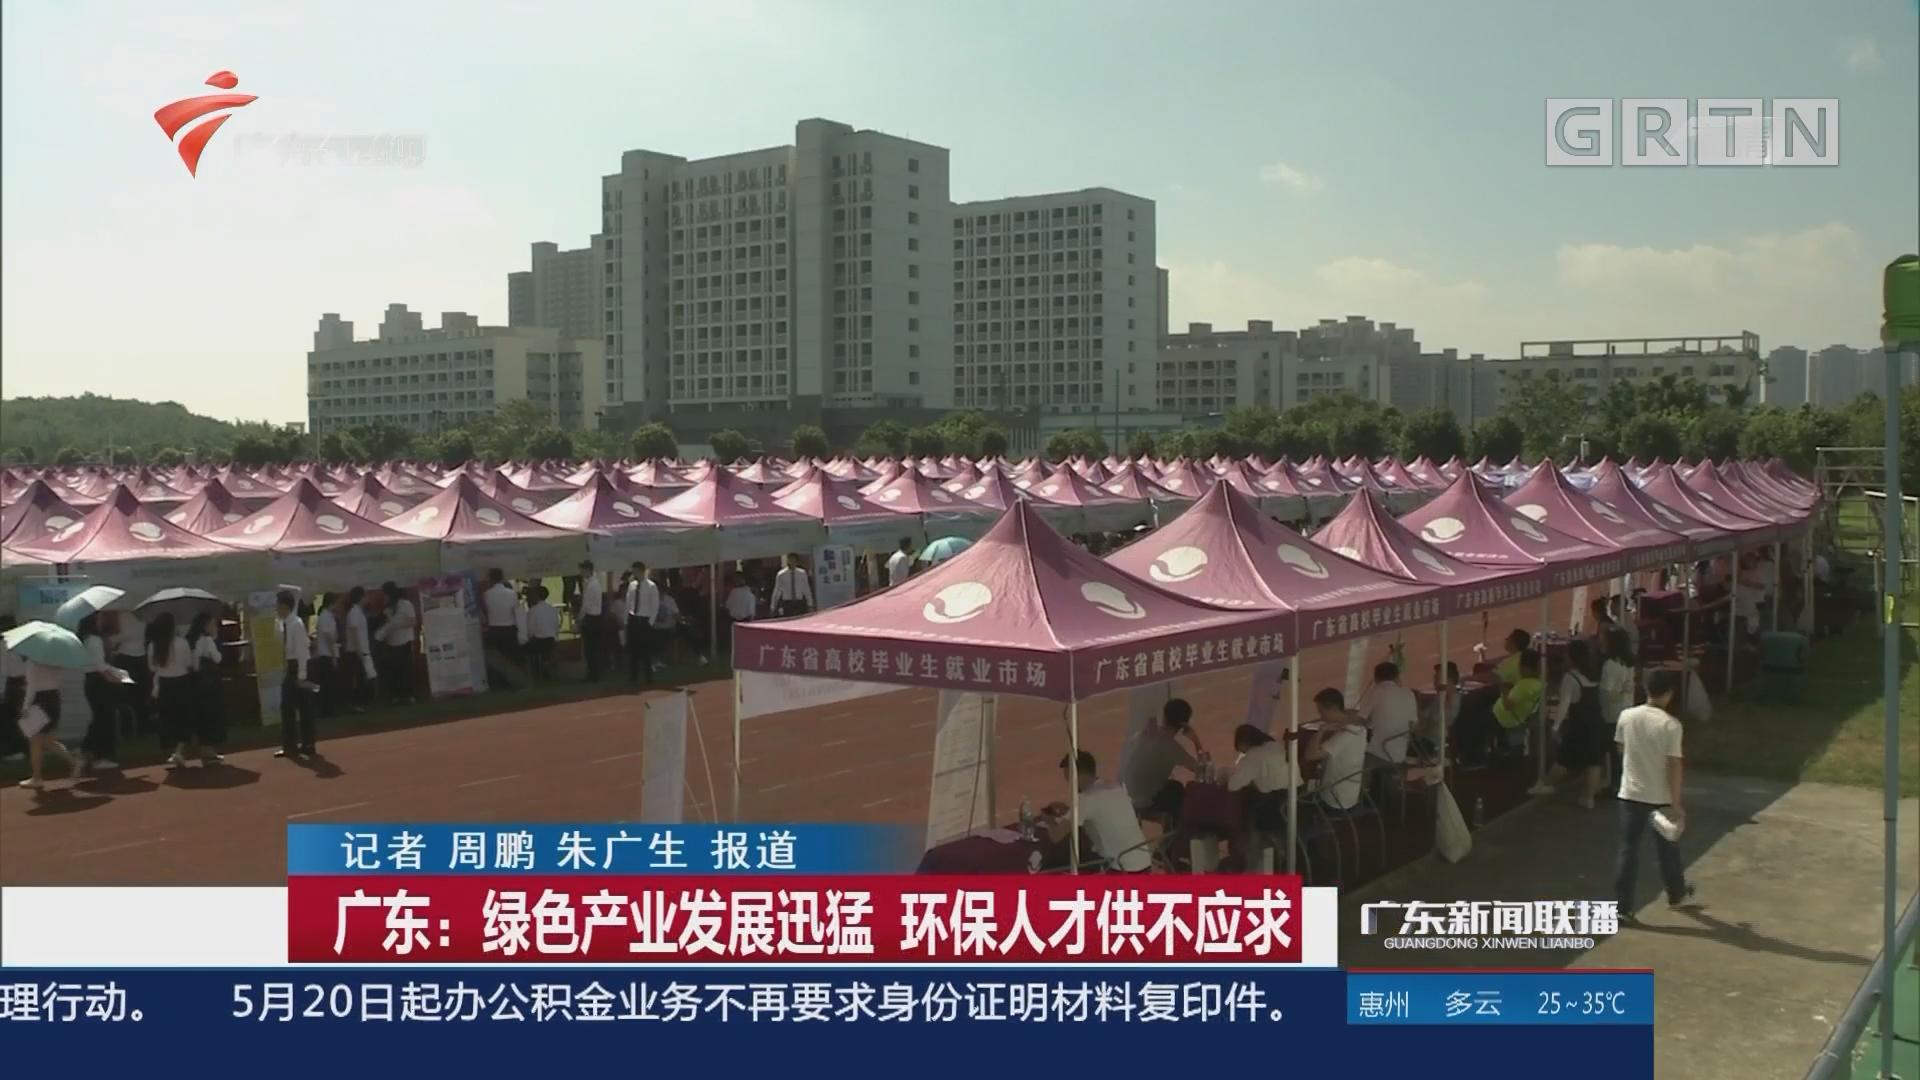 广东:绿色产业发展迅猛 环保人才供不应求